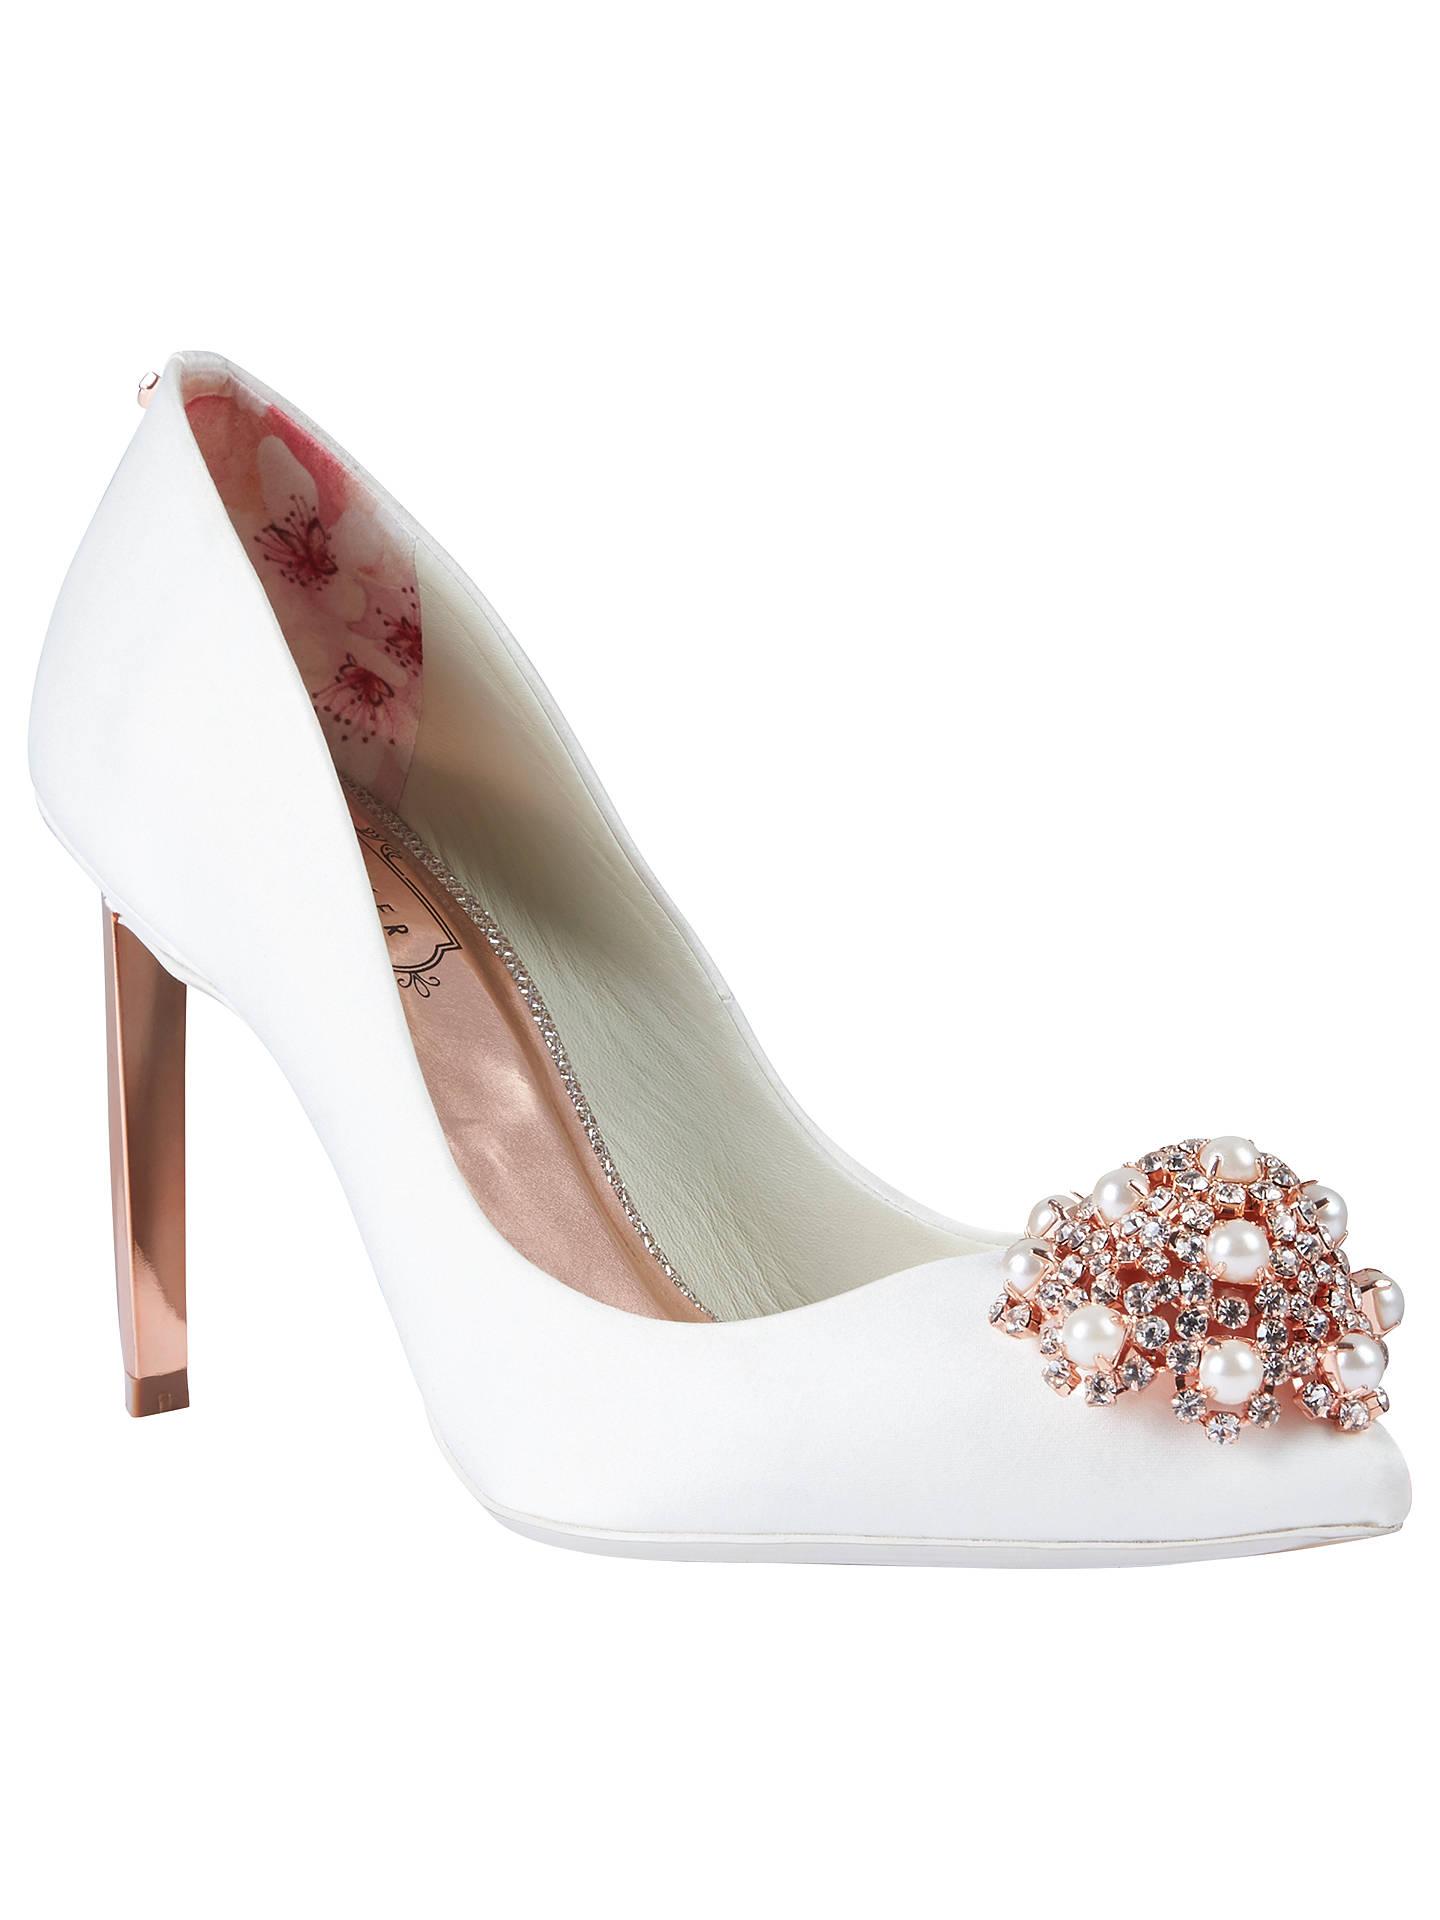 6f95cf5e52af42 ... Buy Ted Baker Peetch 2 Embellished Stiletto Heel Court Shoes